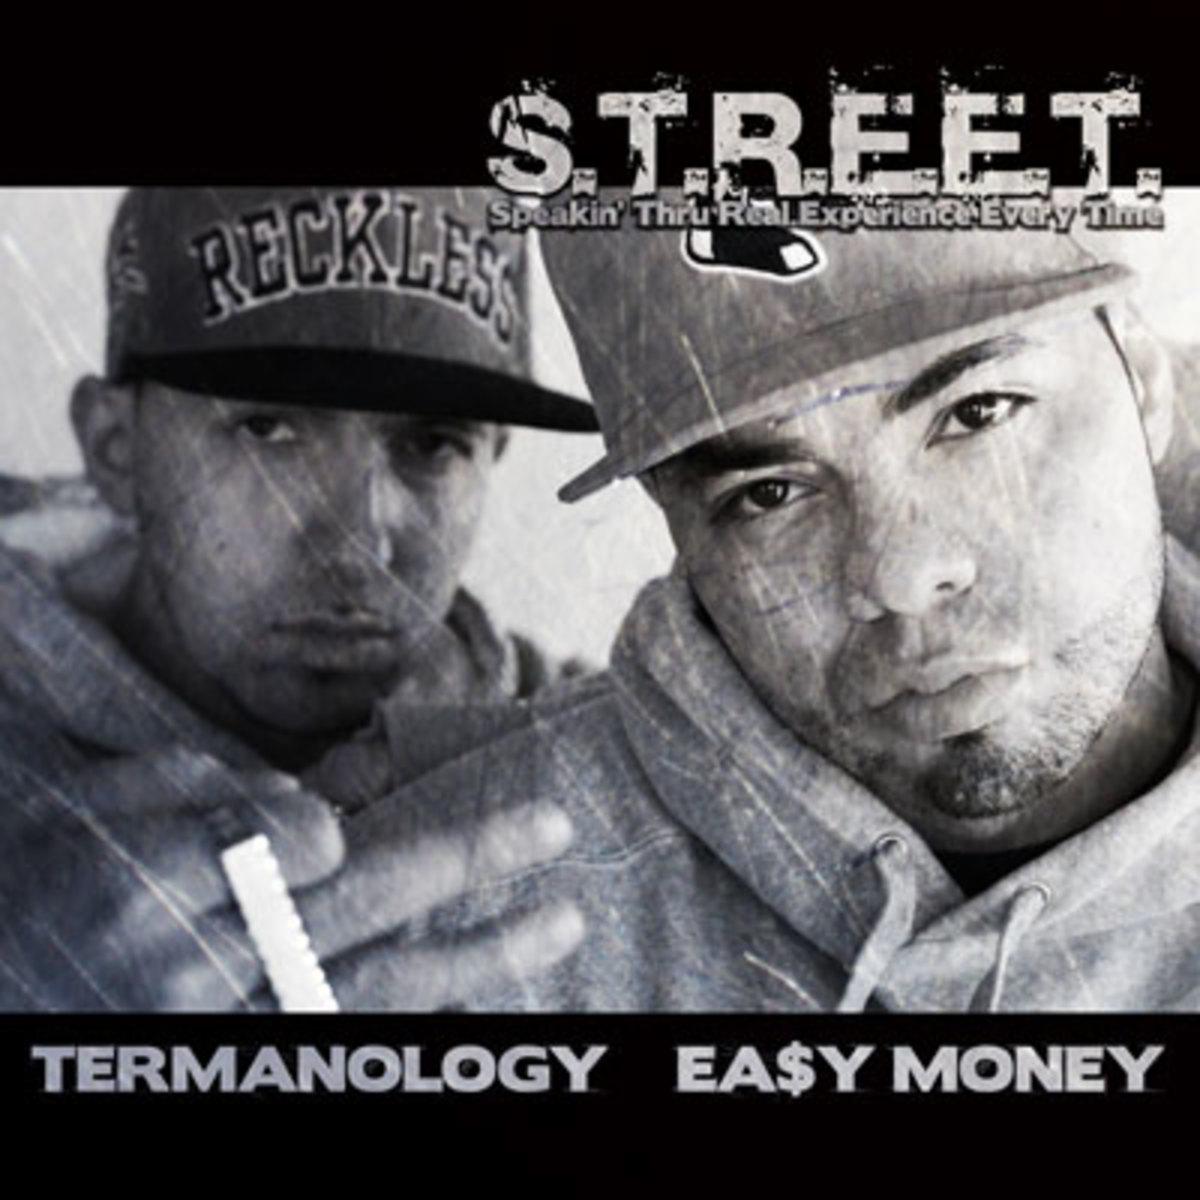 term-street.jpg